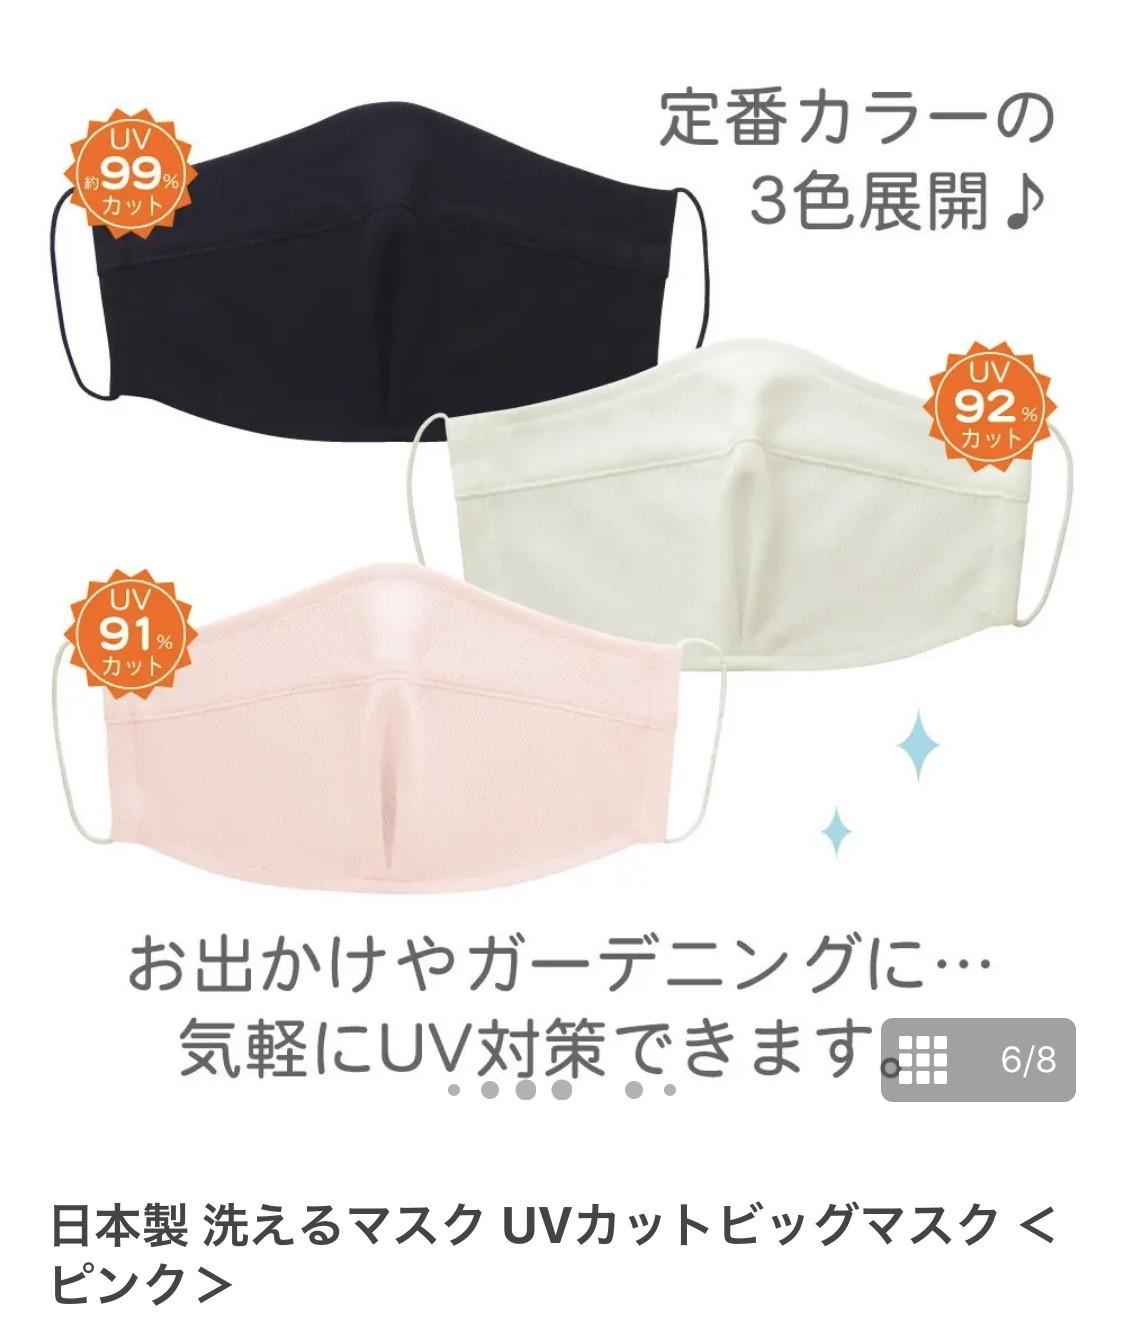 『完売』日本製 洗える UV, 保湿ビックマスク